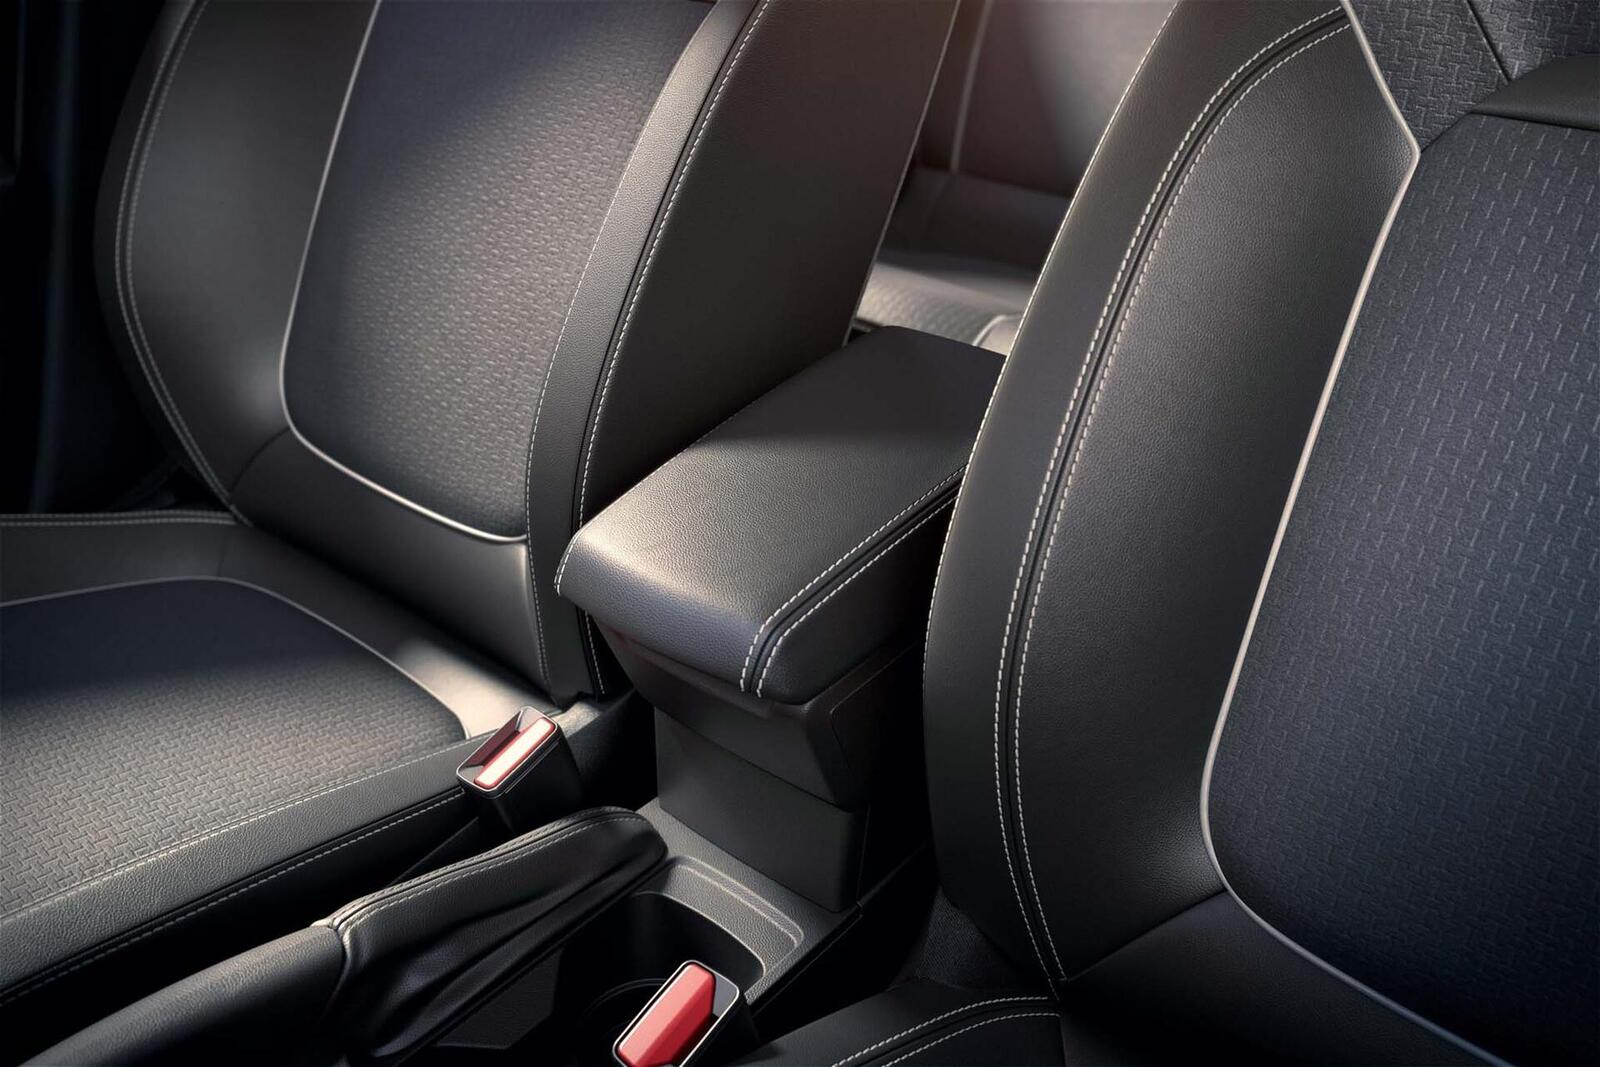 Renault giới thiệu Arkana mới: SUV Coupe mang thiết kế tương tự BMW X6 - Hình 9